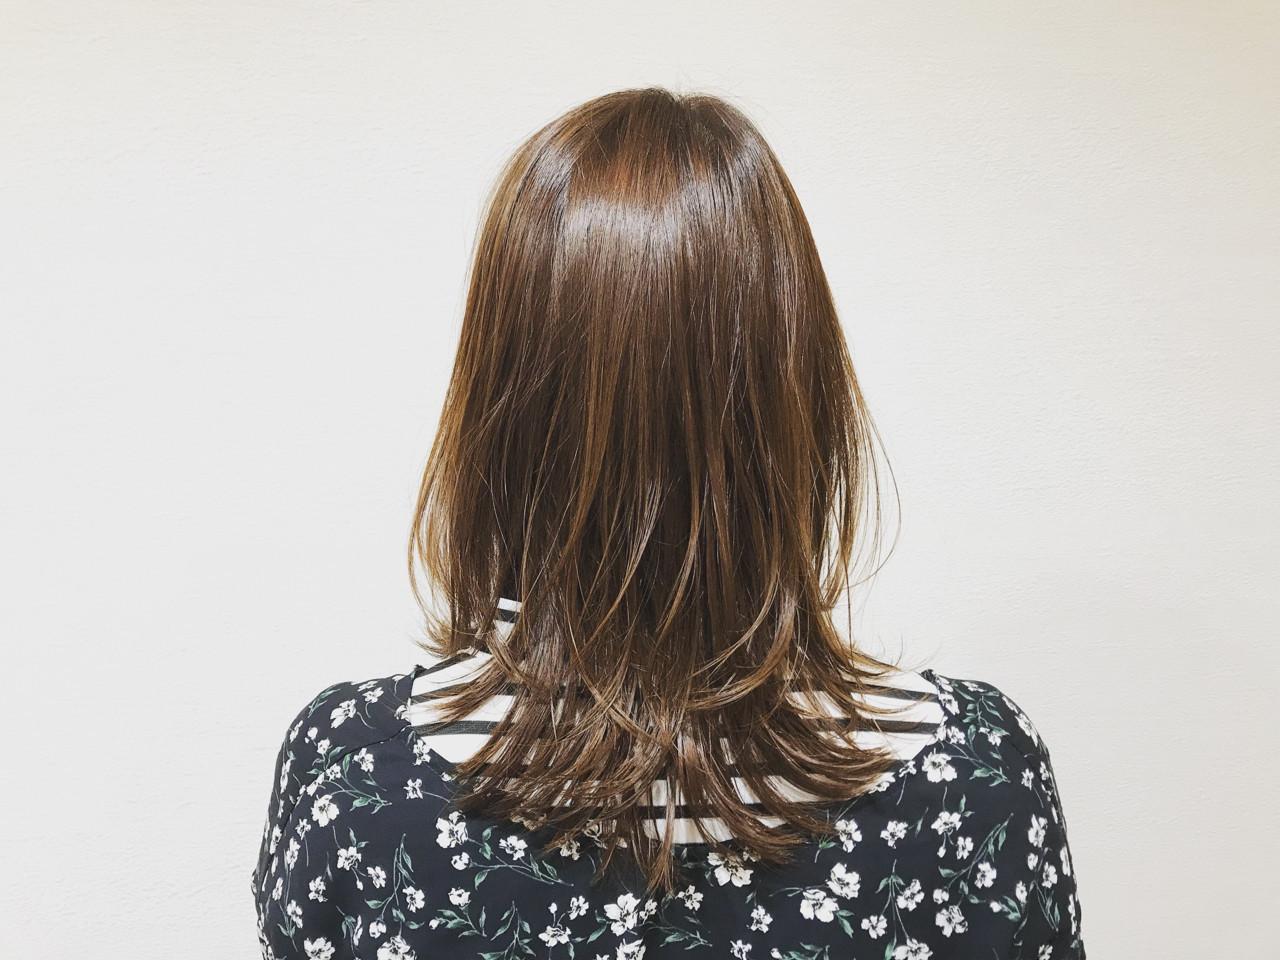 ナチュラル ミディアム レイヤーカット ヘアオイル ヘアスタイルや髪型の写真・画像